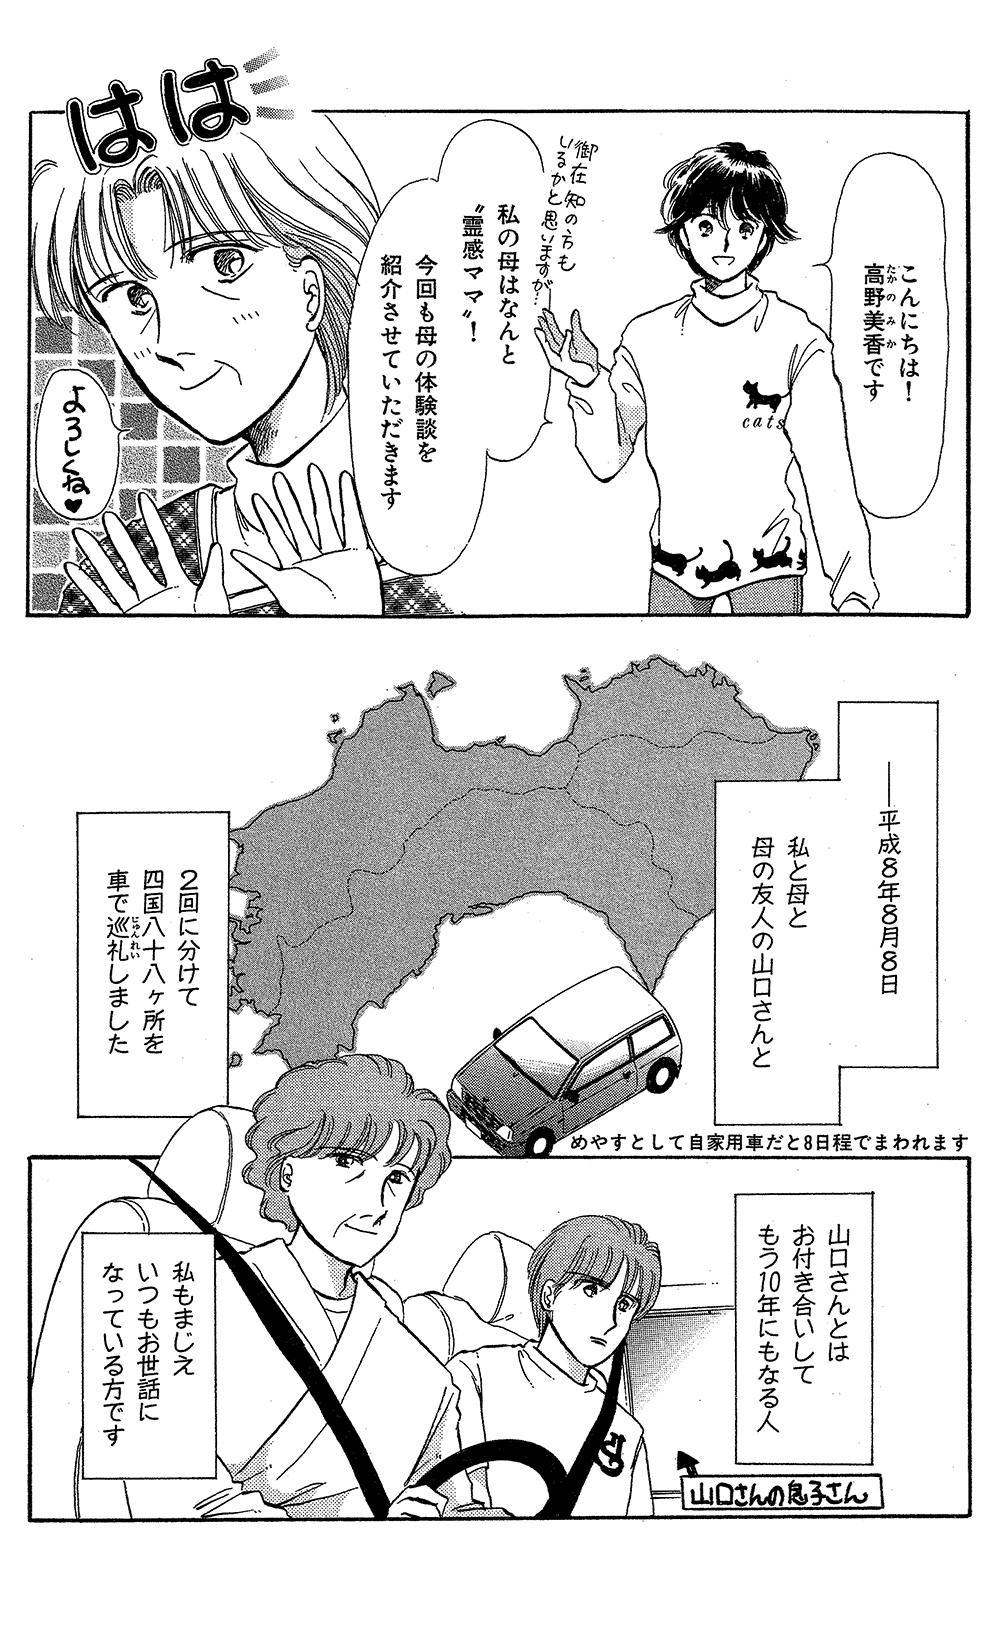 霊感ママシリーズ 第4話「母への道程」①reikanmama-03-98.jpg